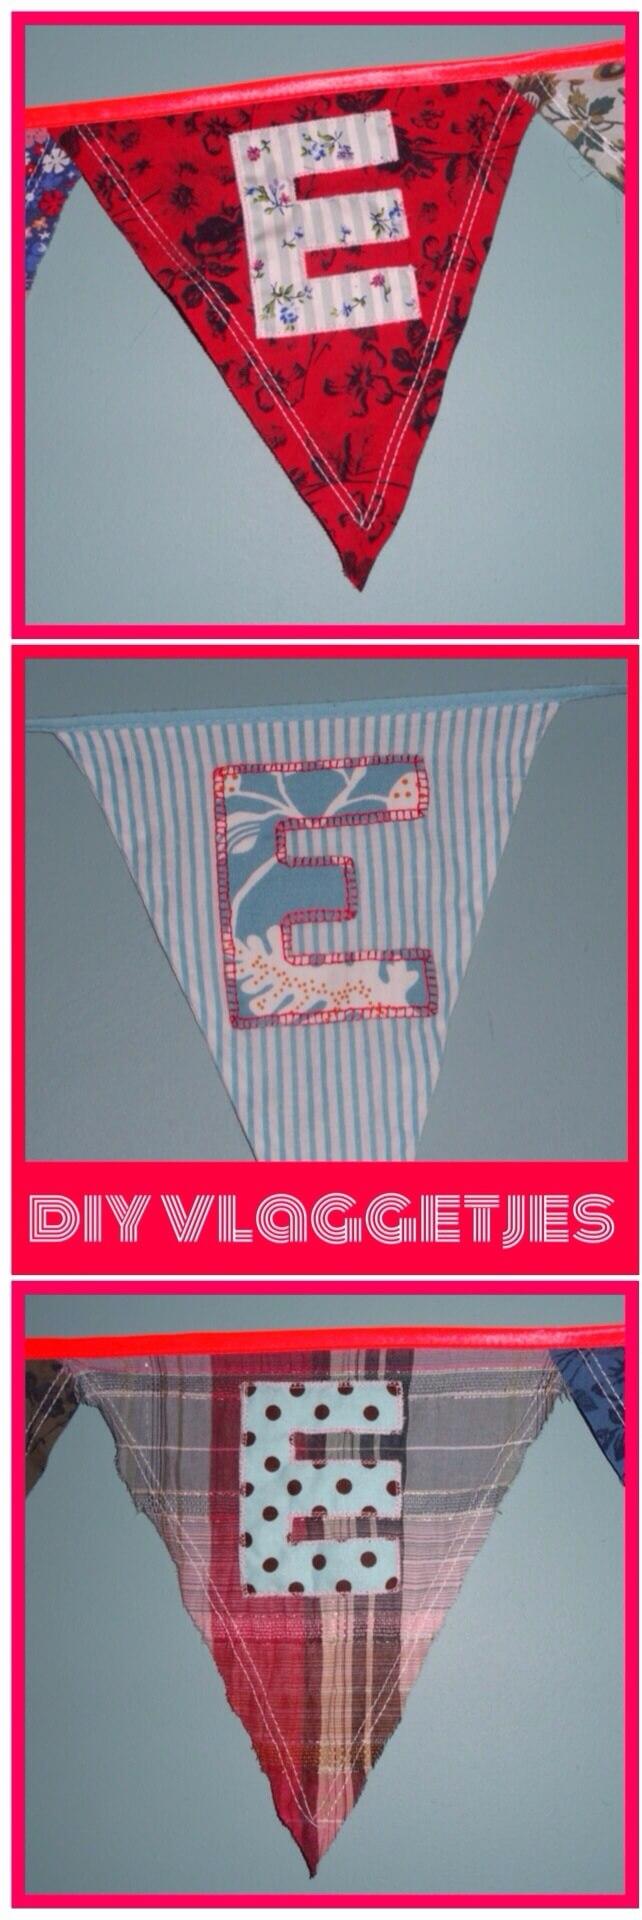 diy name flags children nursery vlaggetjes kinderkamer zelfmaken